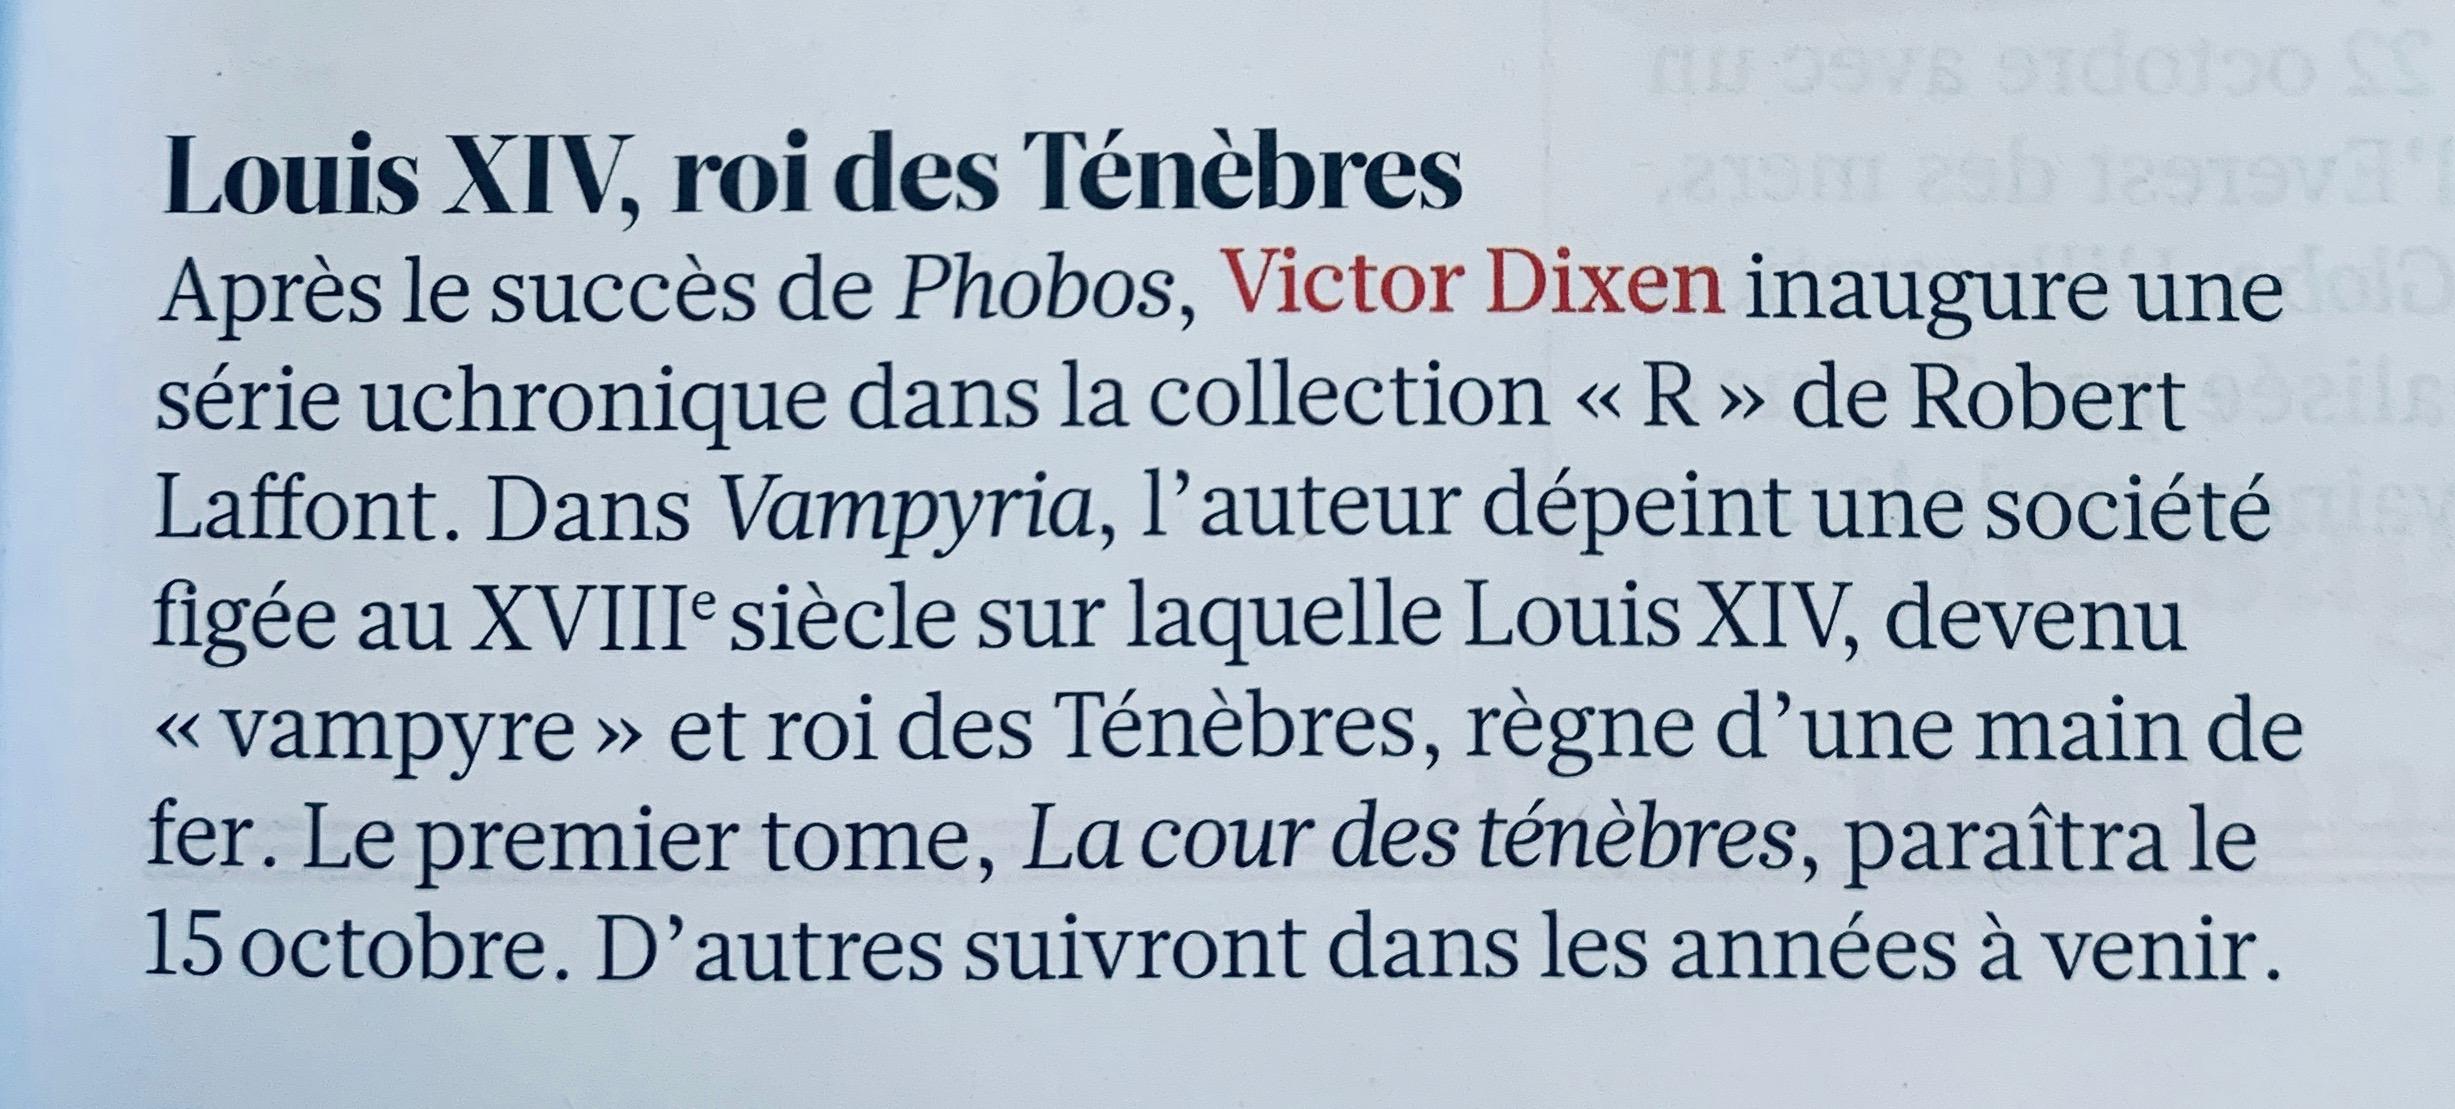 LH Le Mag, Victor Dixen, 10.2020